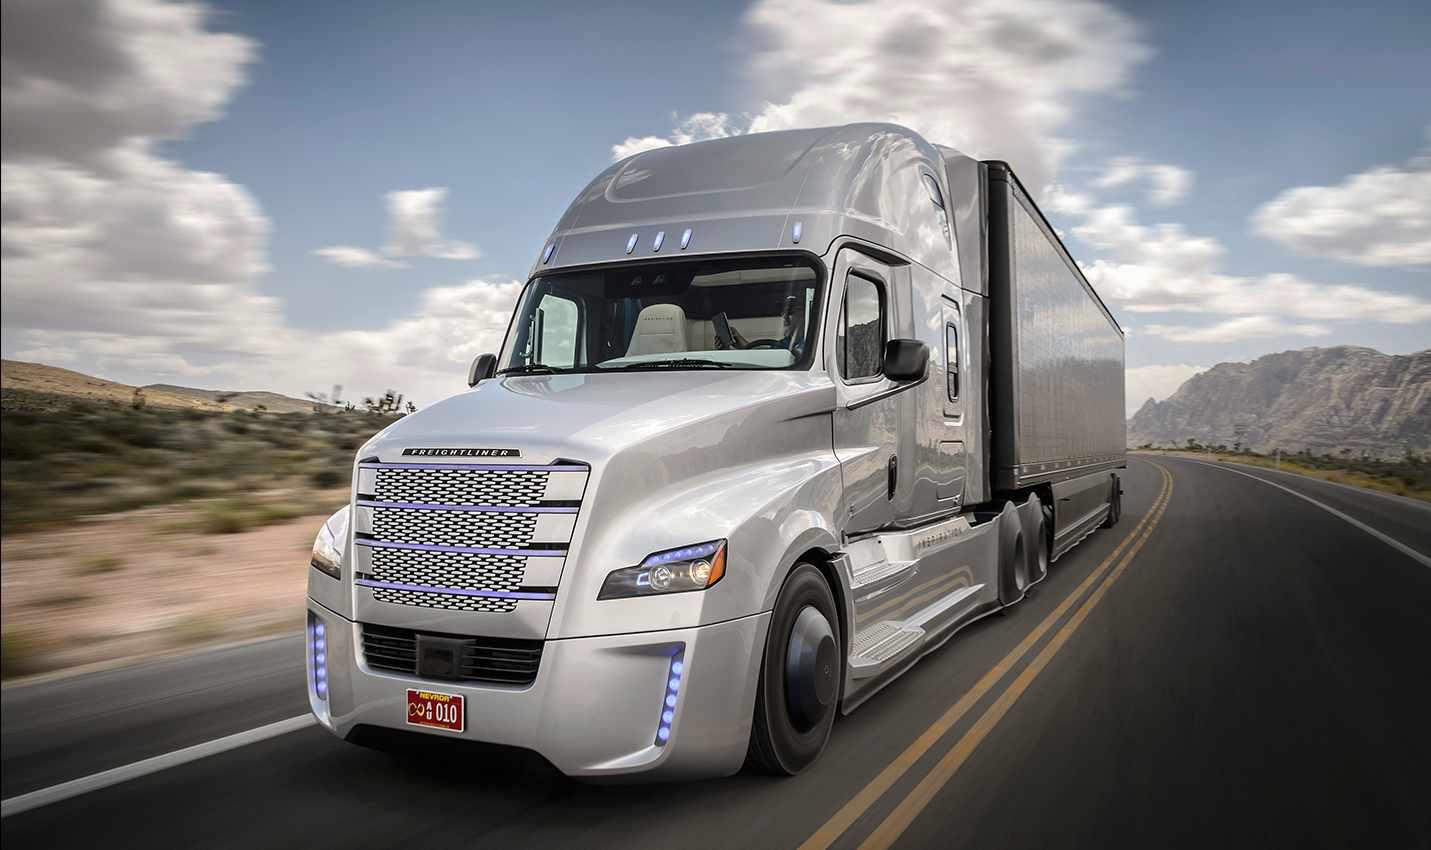 FMCSA holding autonomous trucks meeting next week